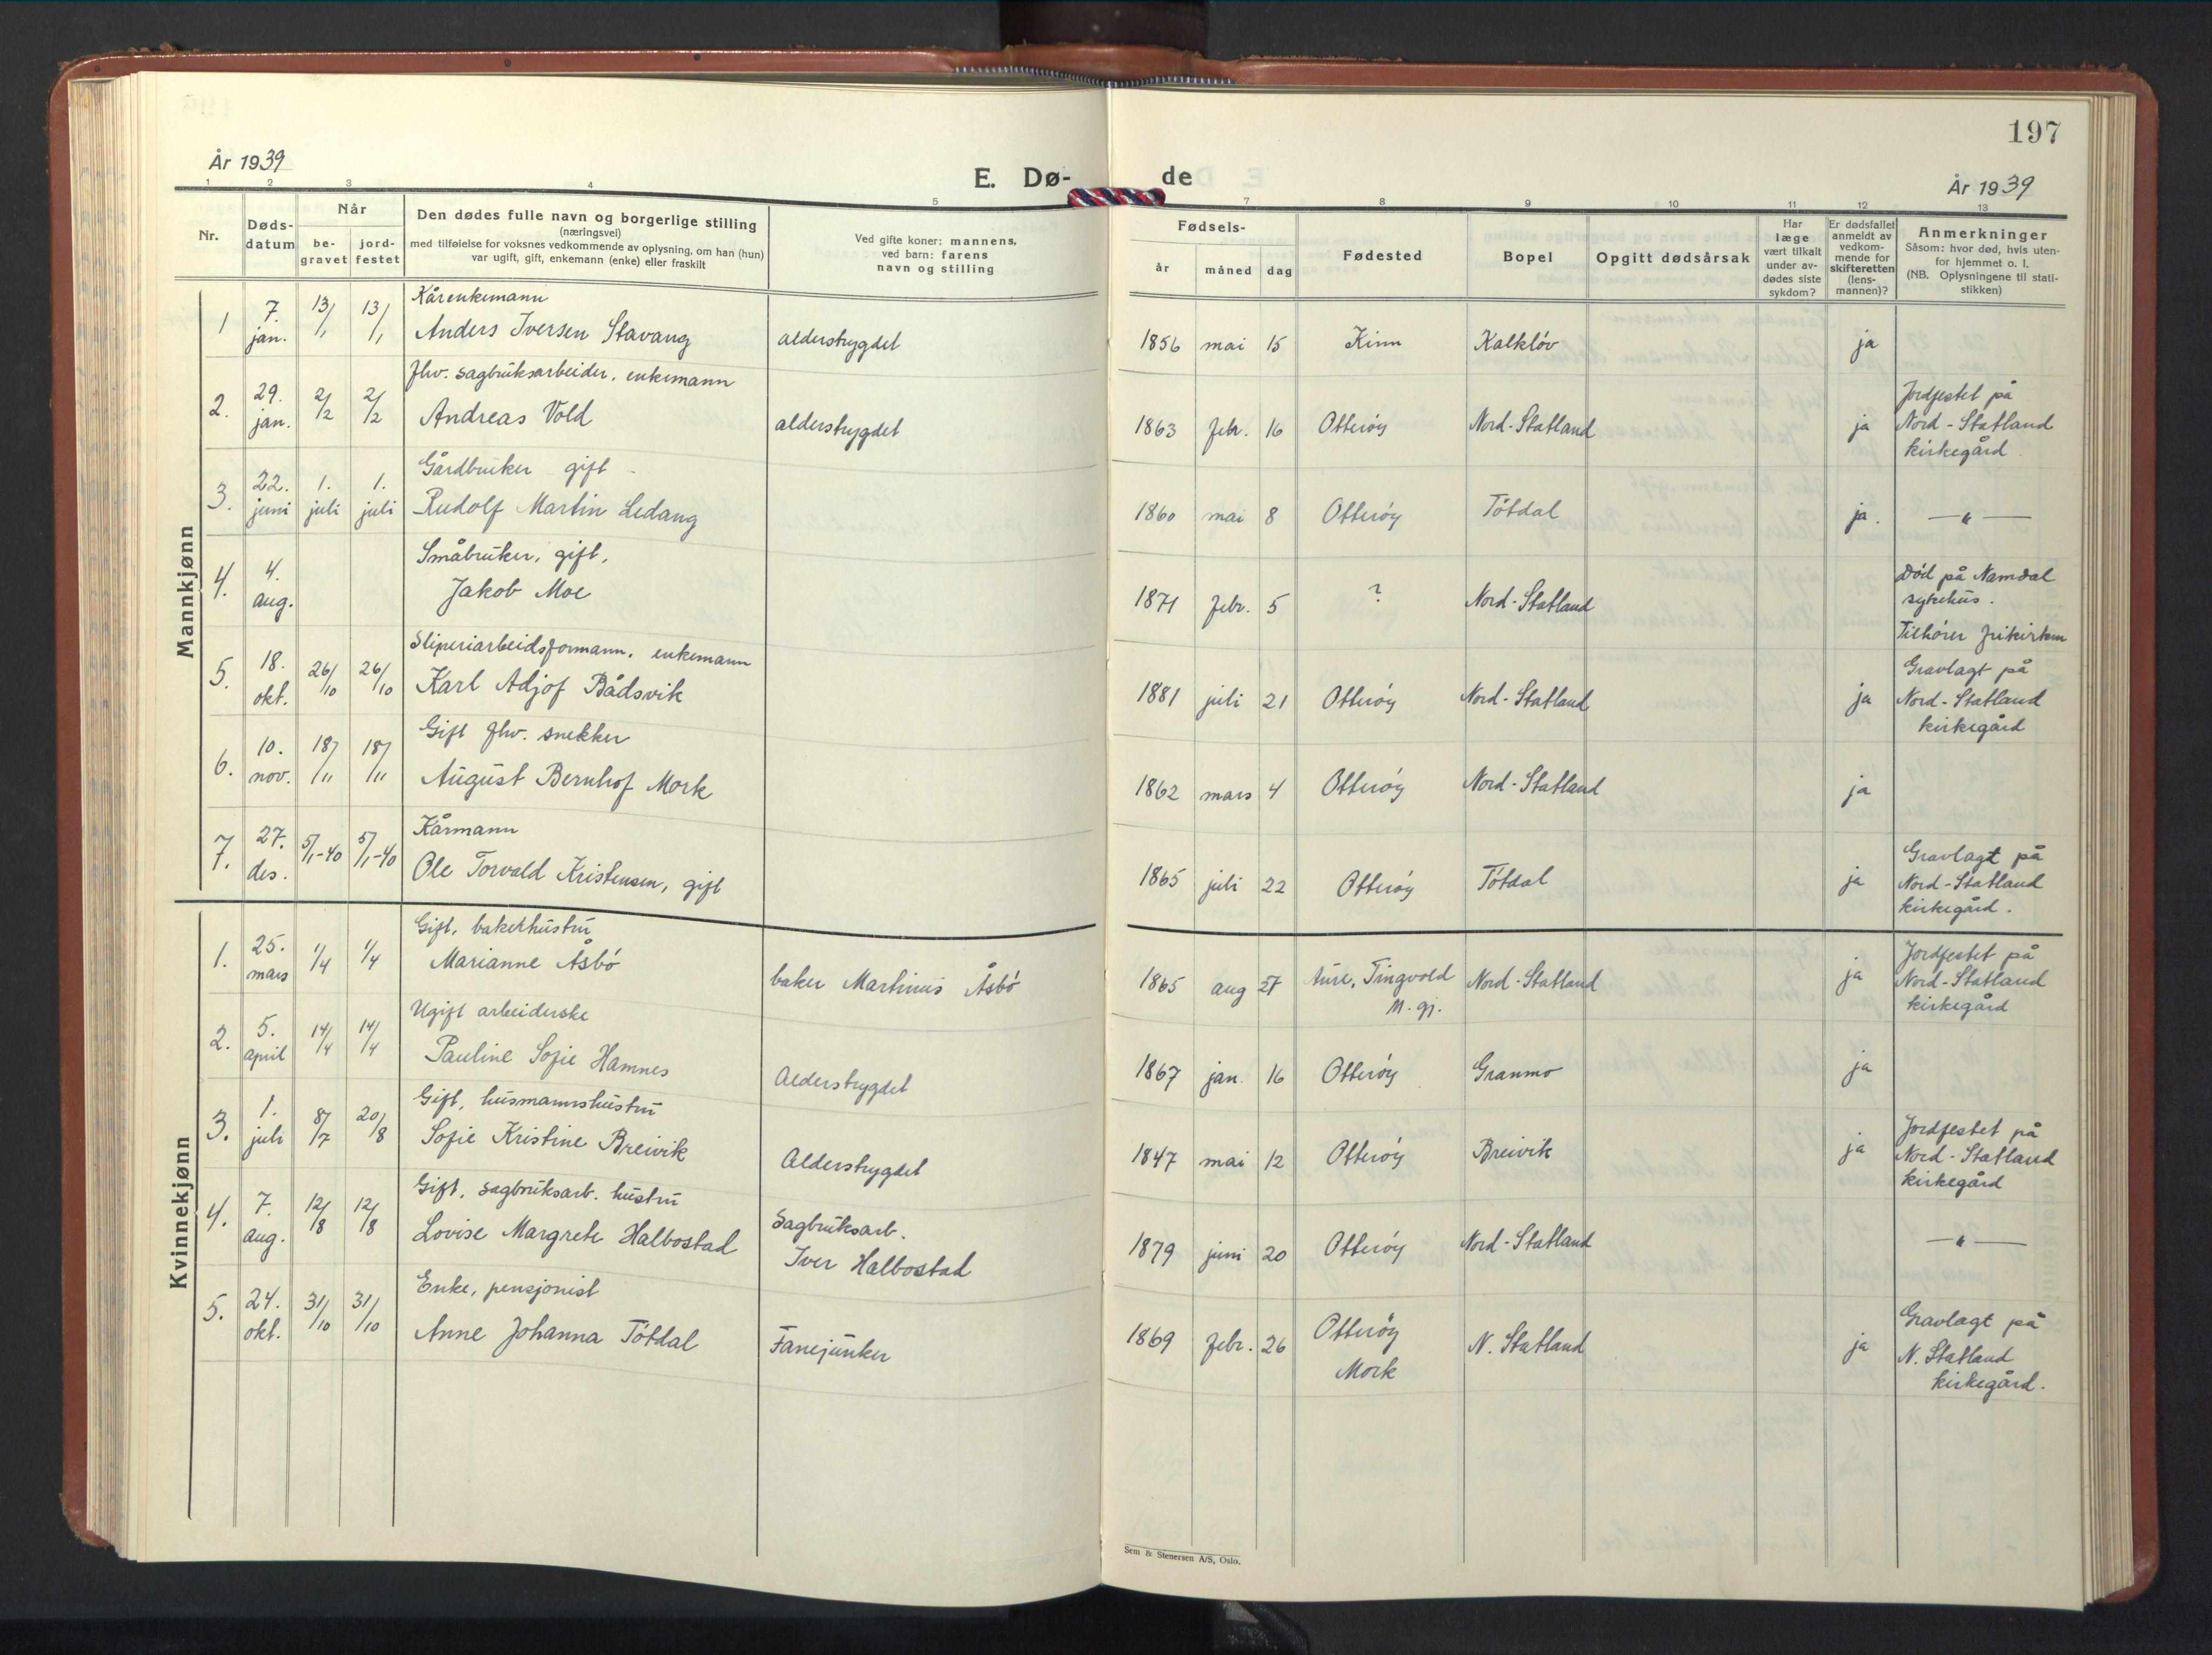 SAT, Ministerialprotokoller, klokkerbøker og fødselsregistre - Nord-Trøndelag, 774/L0631: Klokkerbok nr. 774C02, 1934-1950, s. 197